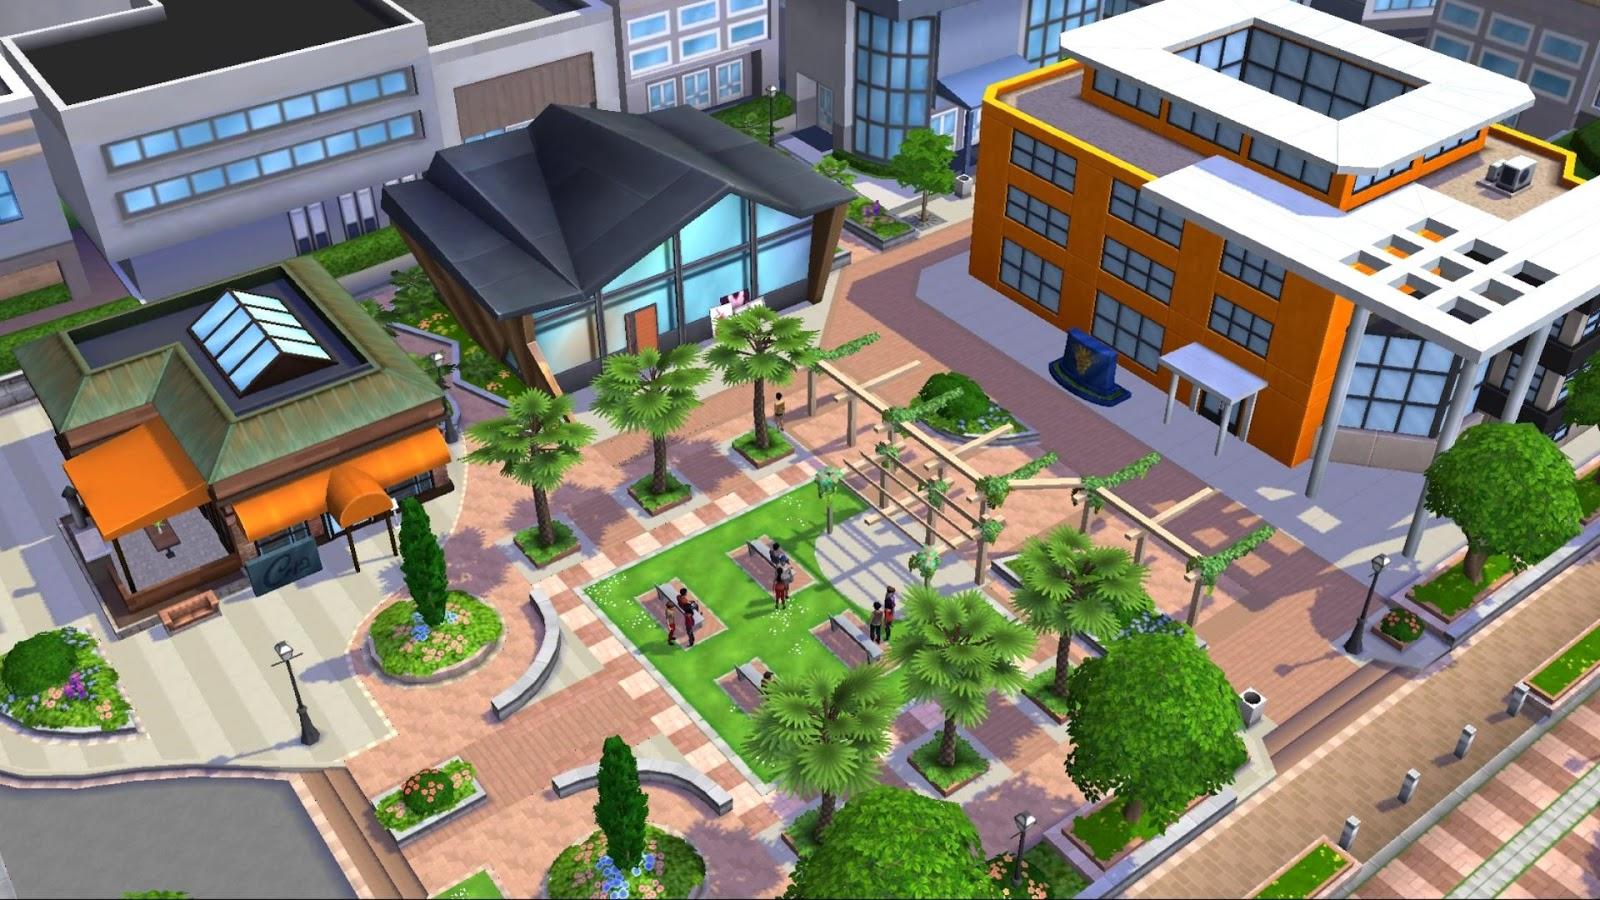 Wielki powrót Simsów! Poznajcie The Sims Mobile